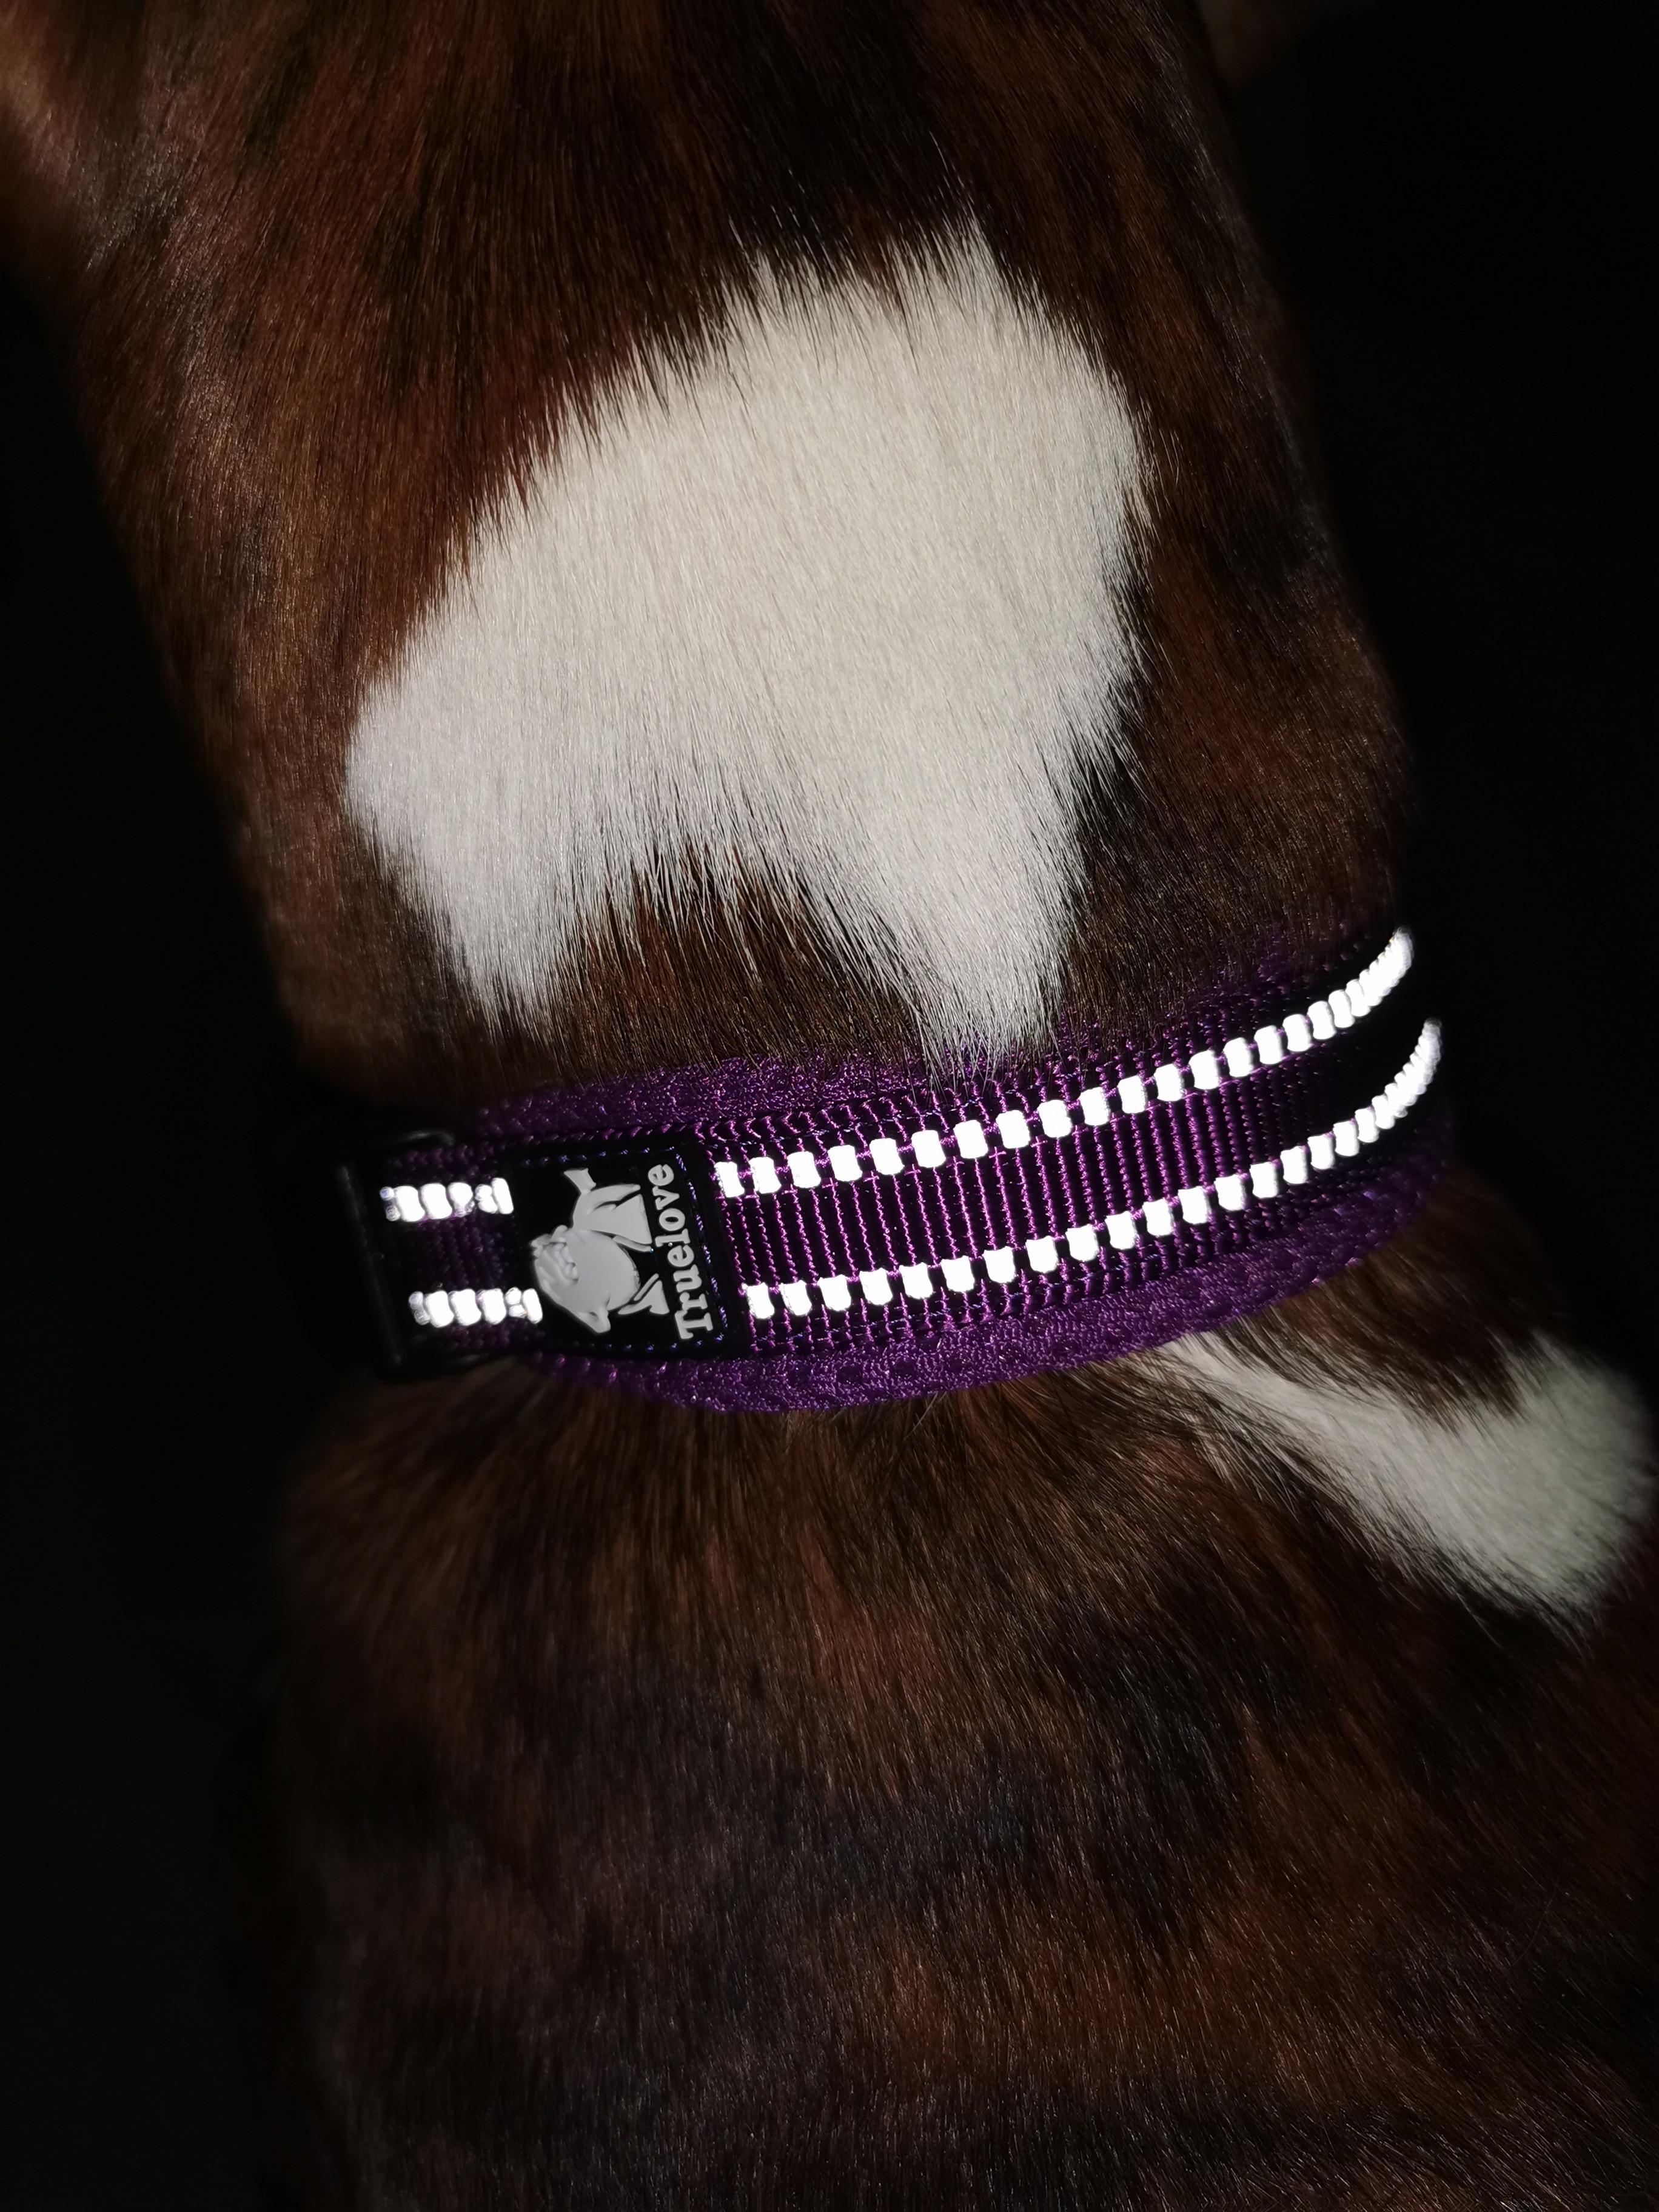 tasma köpek